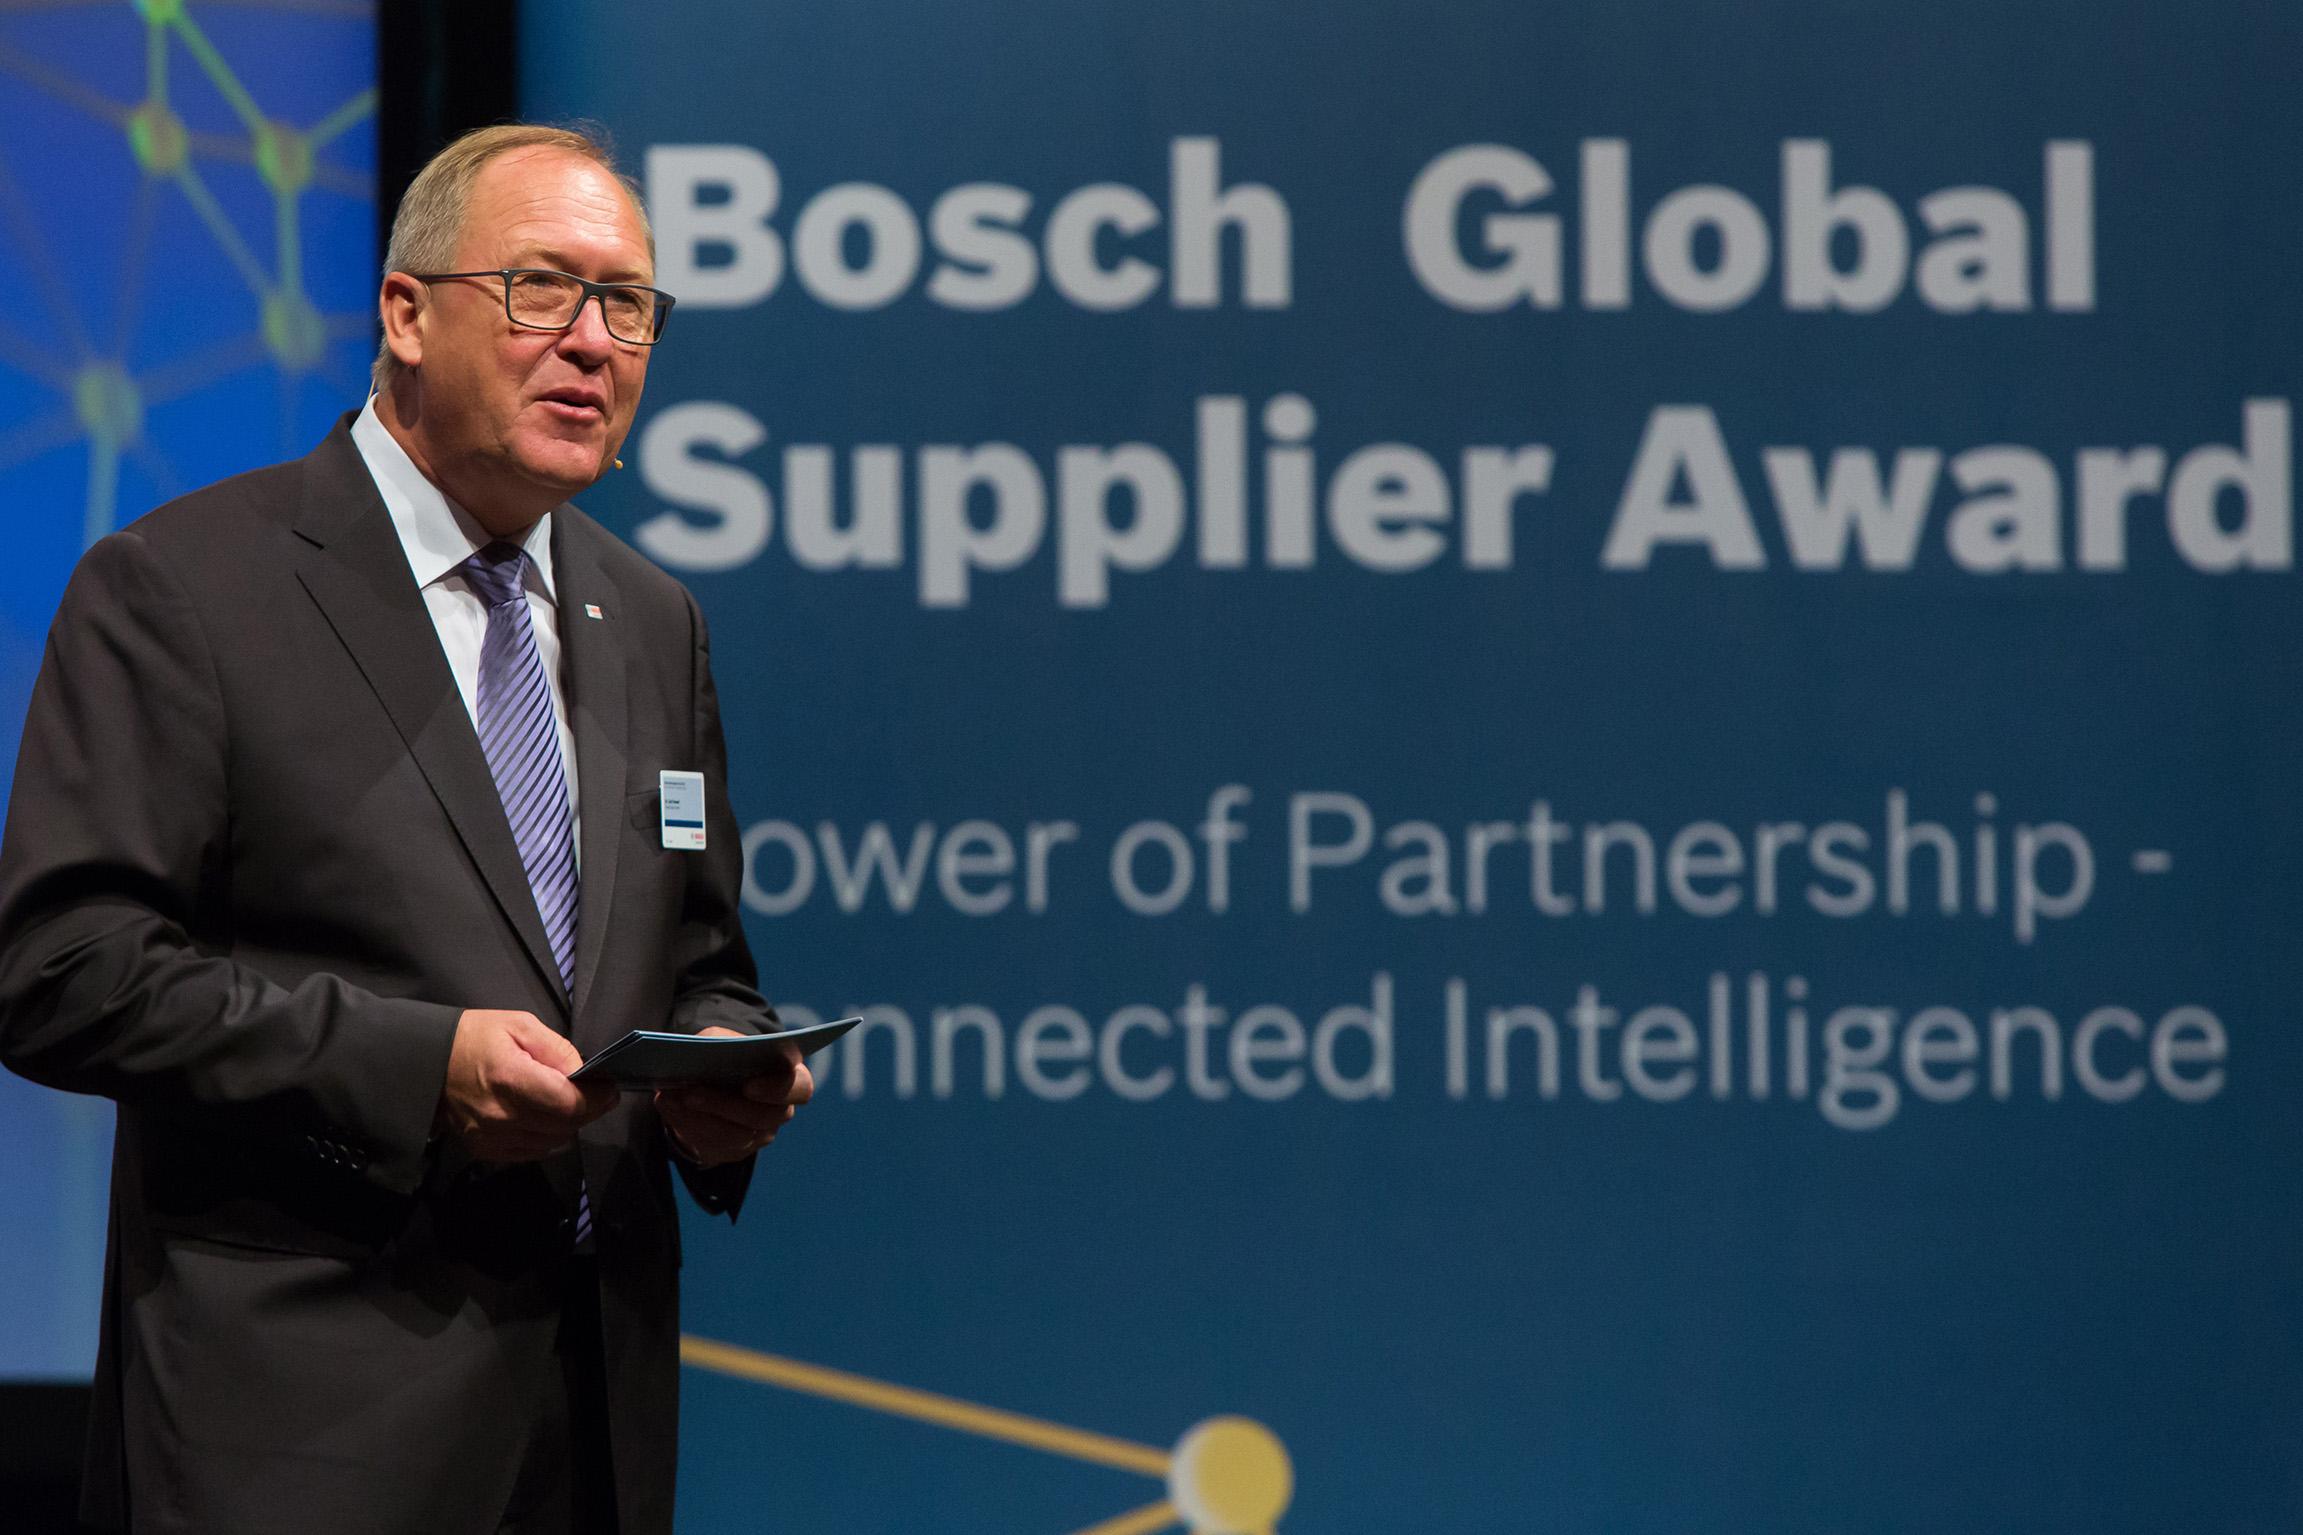 14. Bosch Global Supplier Award 2015